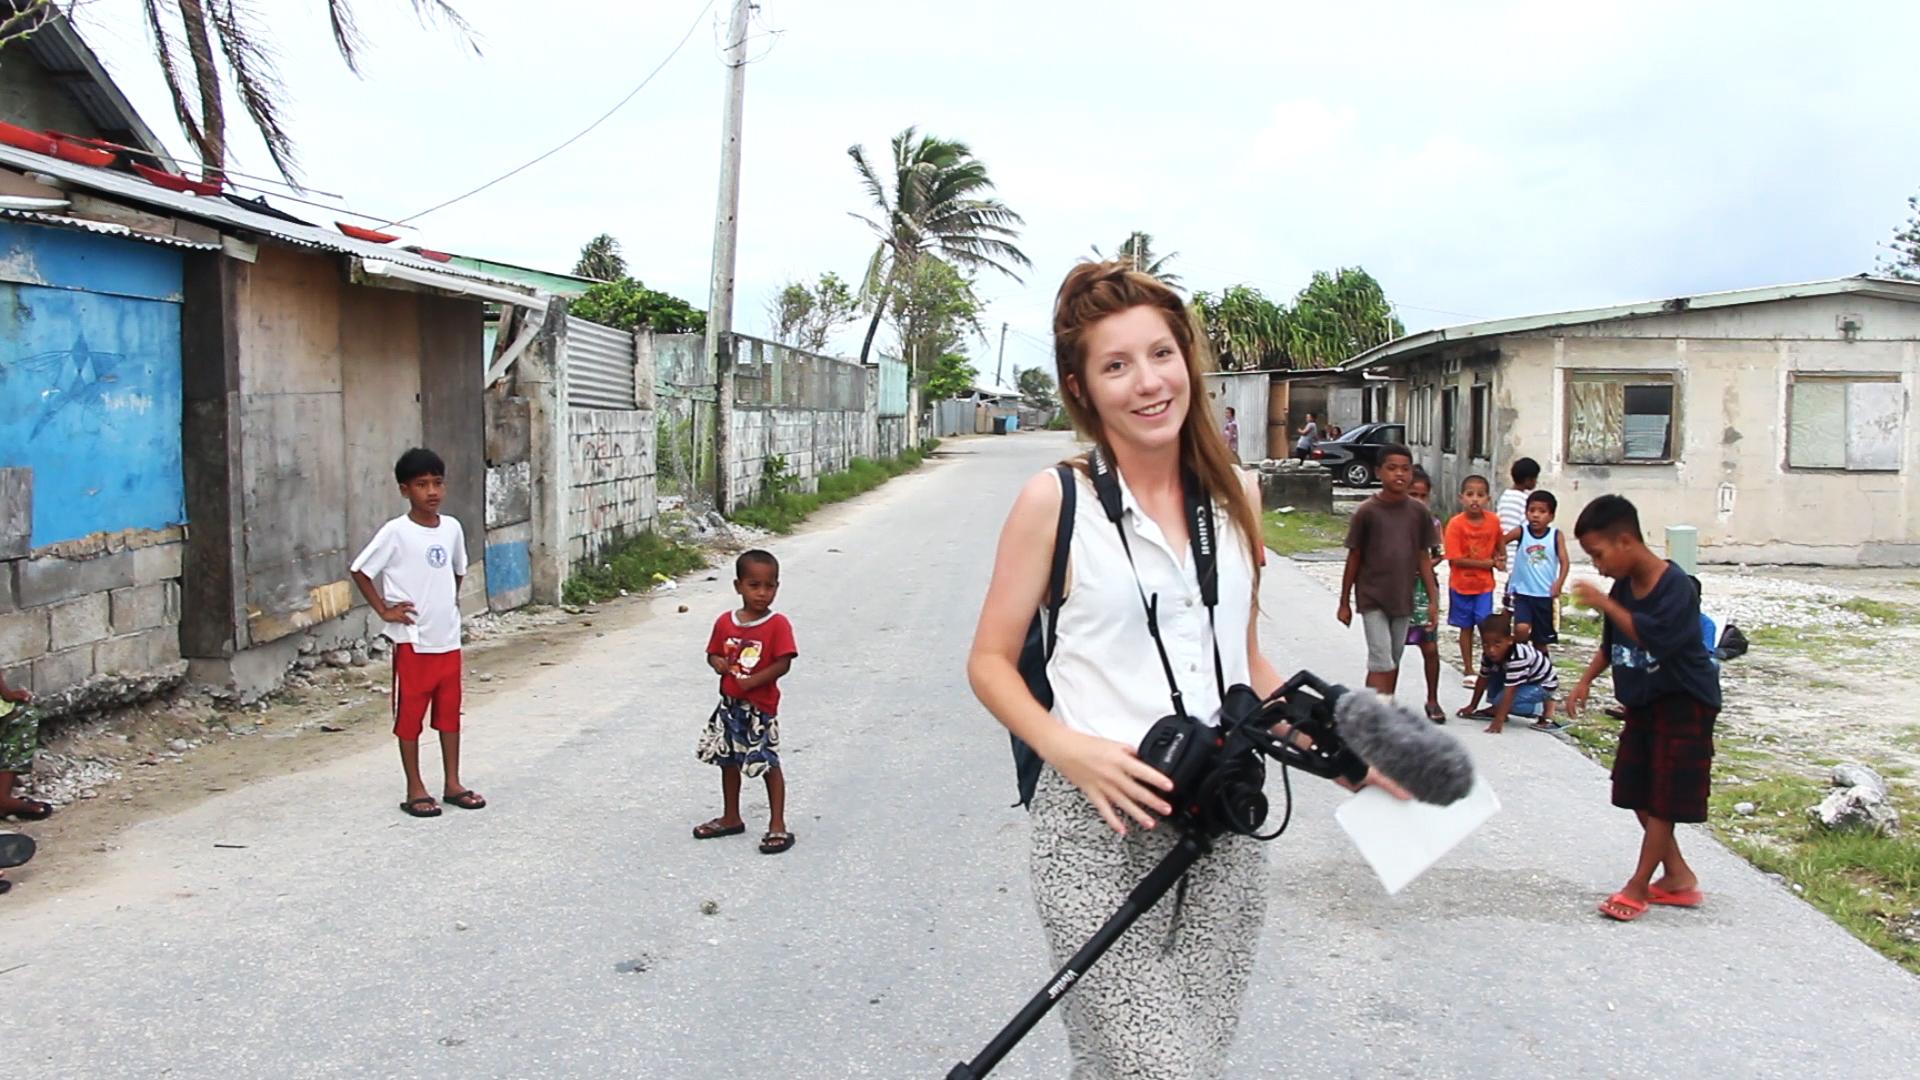 A jornalista Kiim Wall em trabalho nas Ilhas Marshall. A reportagem que ela escreveu enquanto esteve na ilha venceu o Prêmio Hansel Mieth de melhor reportagem digital. Foto: Hendrik Henzel/Coleen Jose.